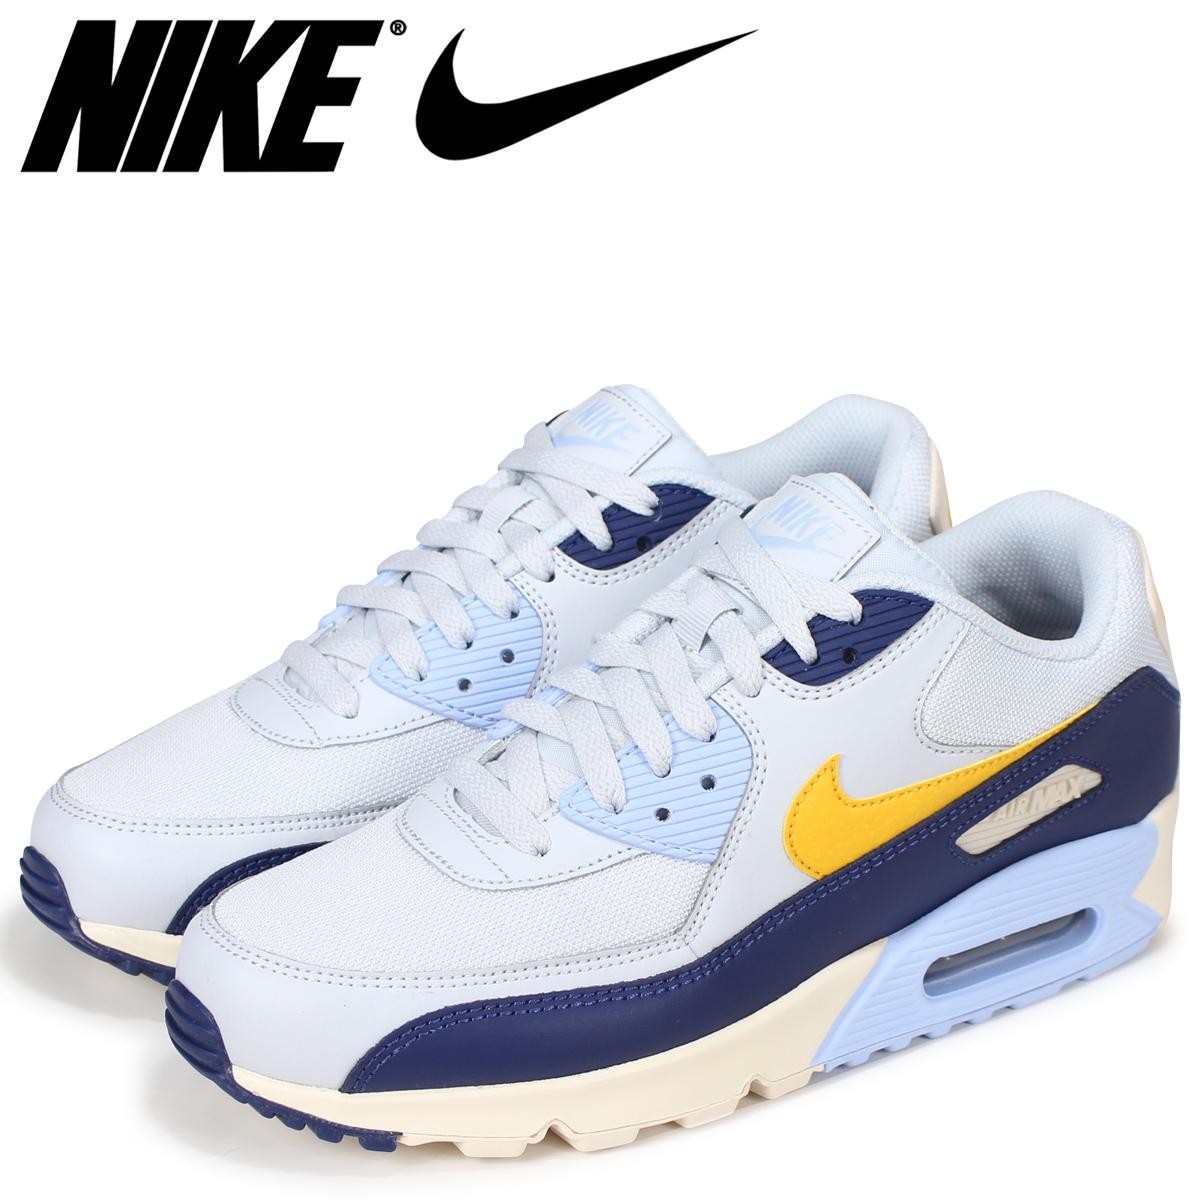 NIKE Kie Ney AMAX 90 essential sneakers men AIR MAX 90 ESSENTIAL AJ1285 008 blue